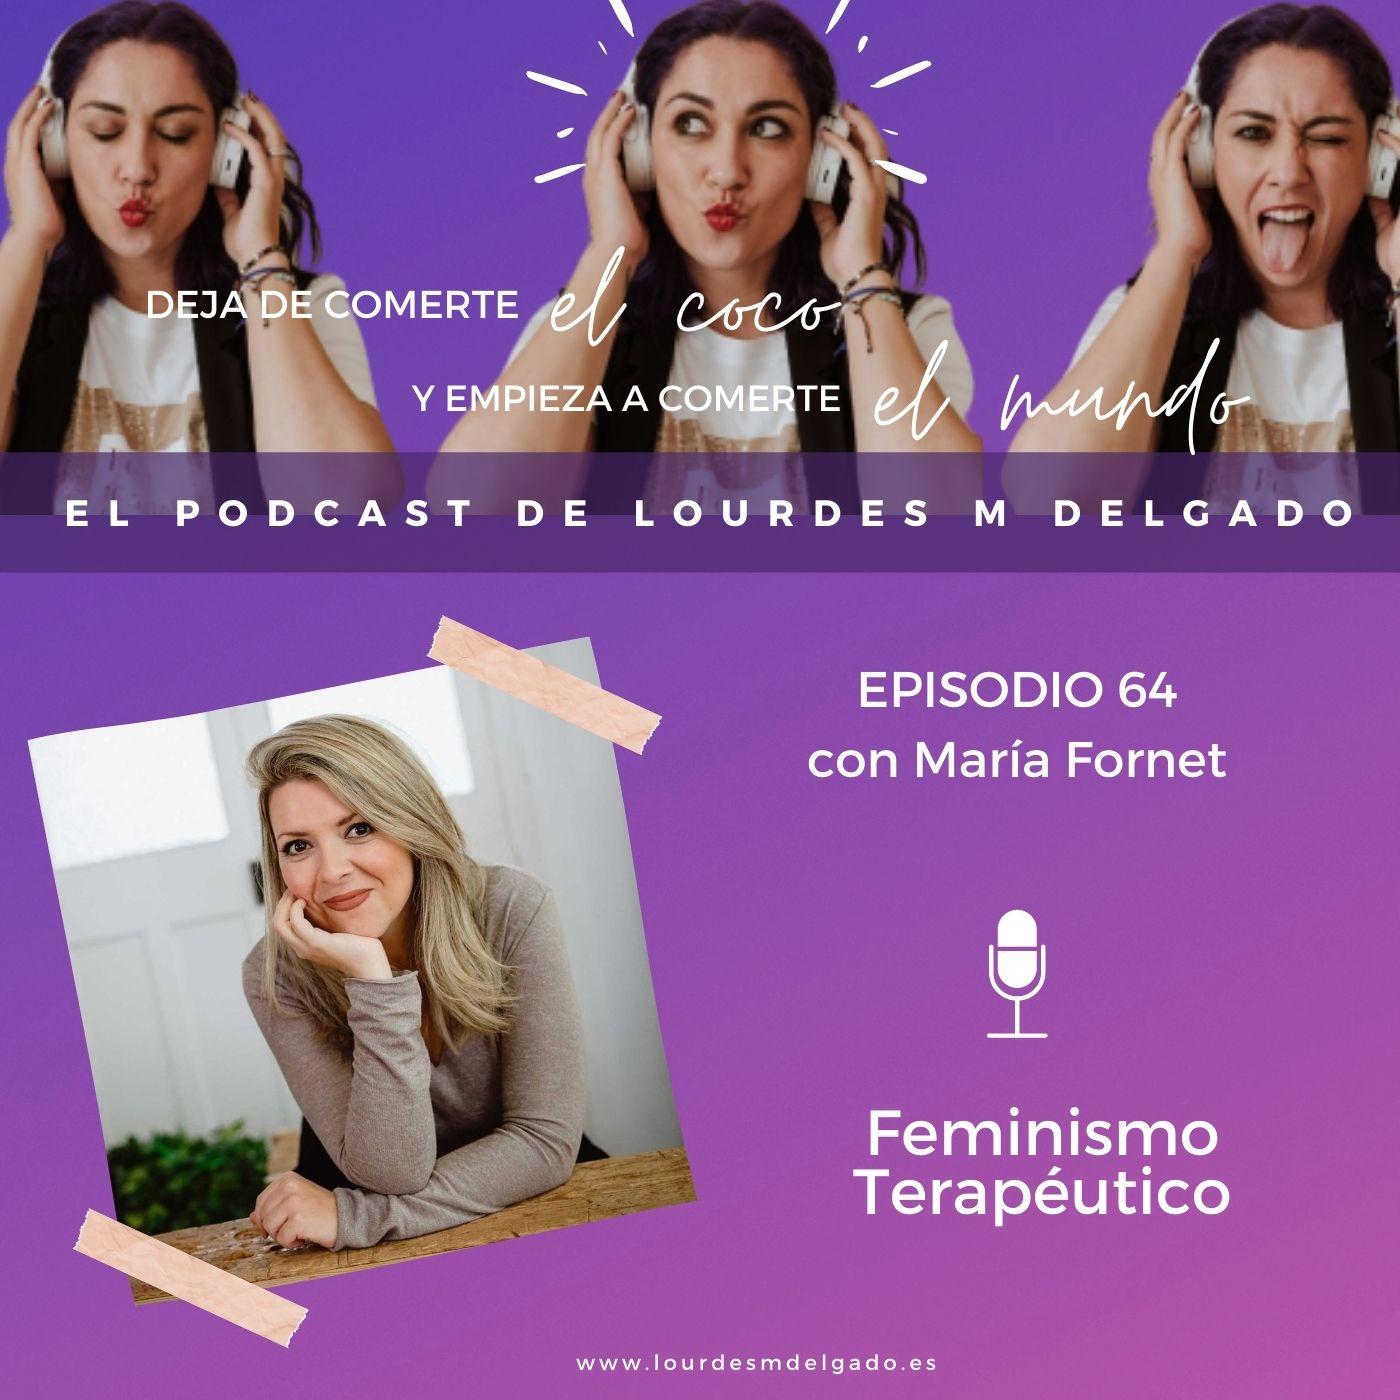 Qué es el feminismo terapéutico